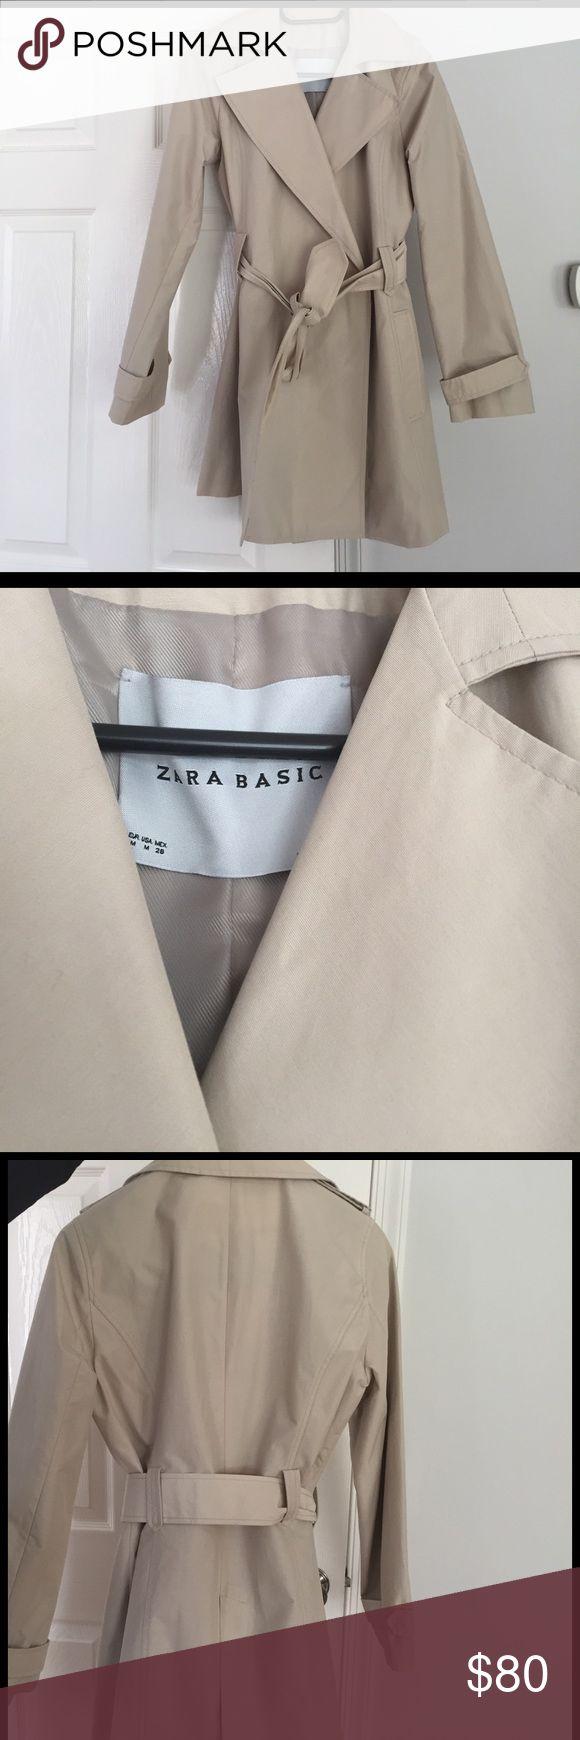 ZARA RAIN JACKET Very cute Zara Rain Jacket!!!! Gently Used!!! Zara Jackets & Coats